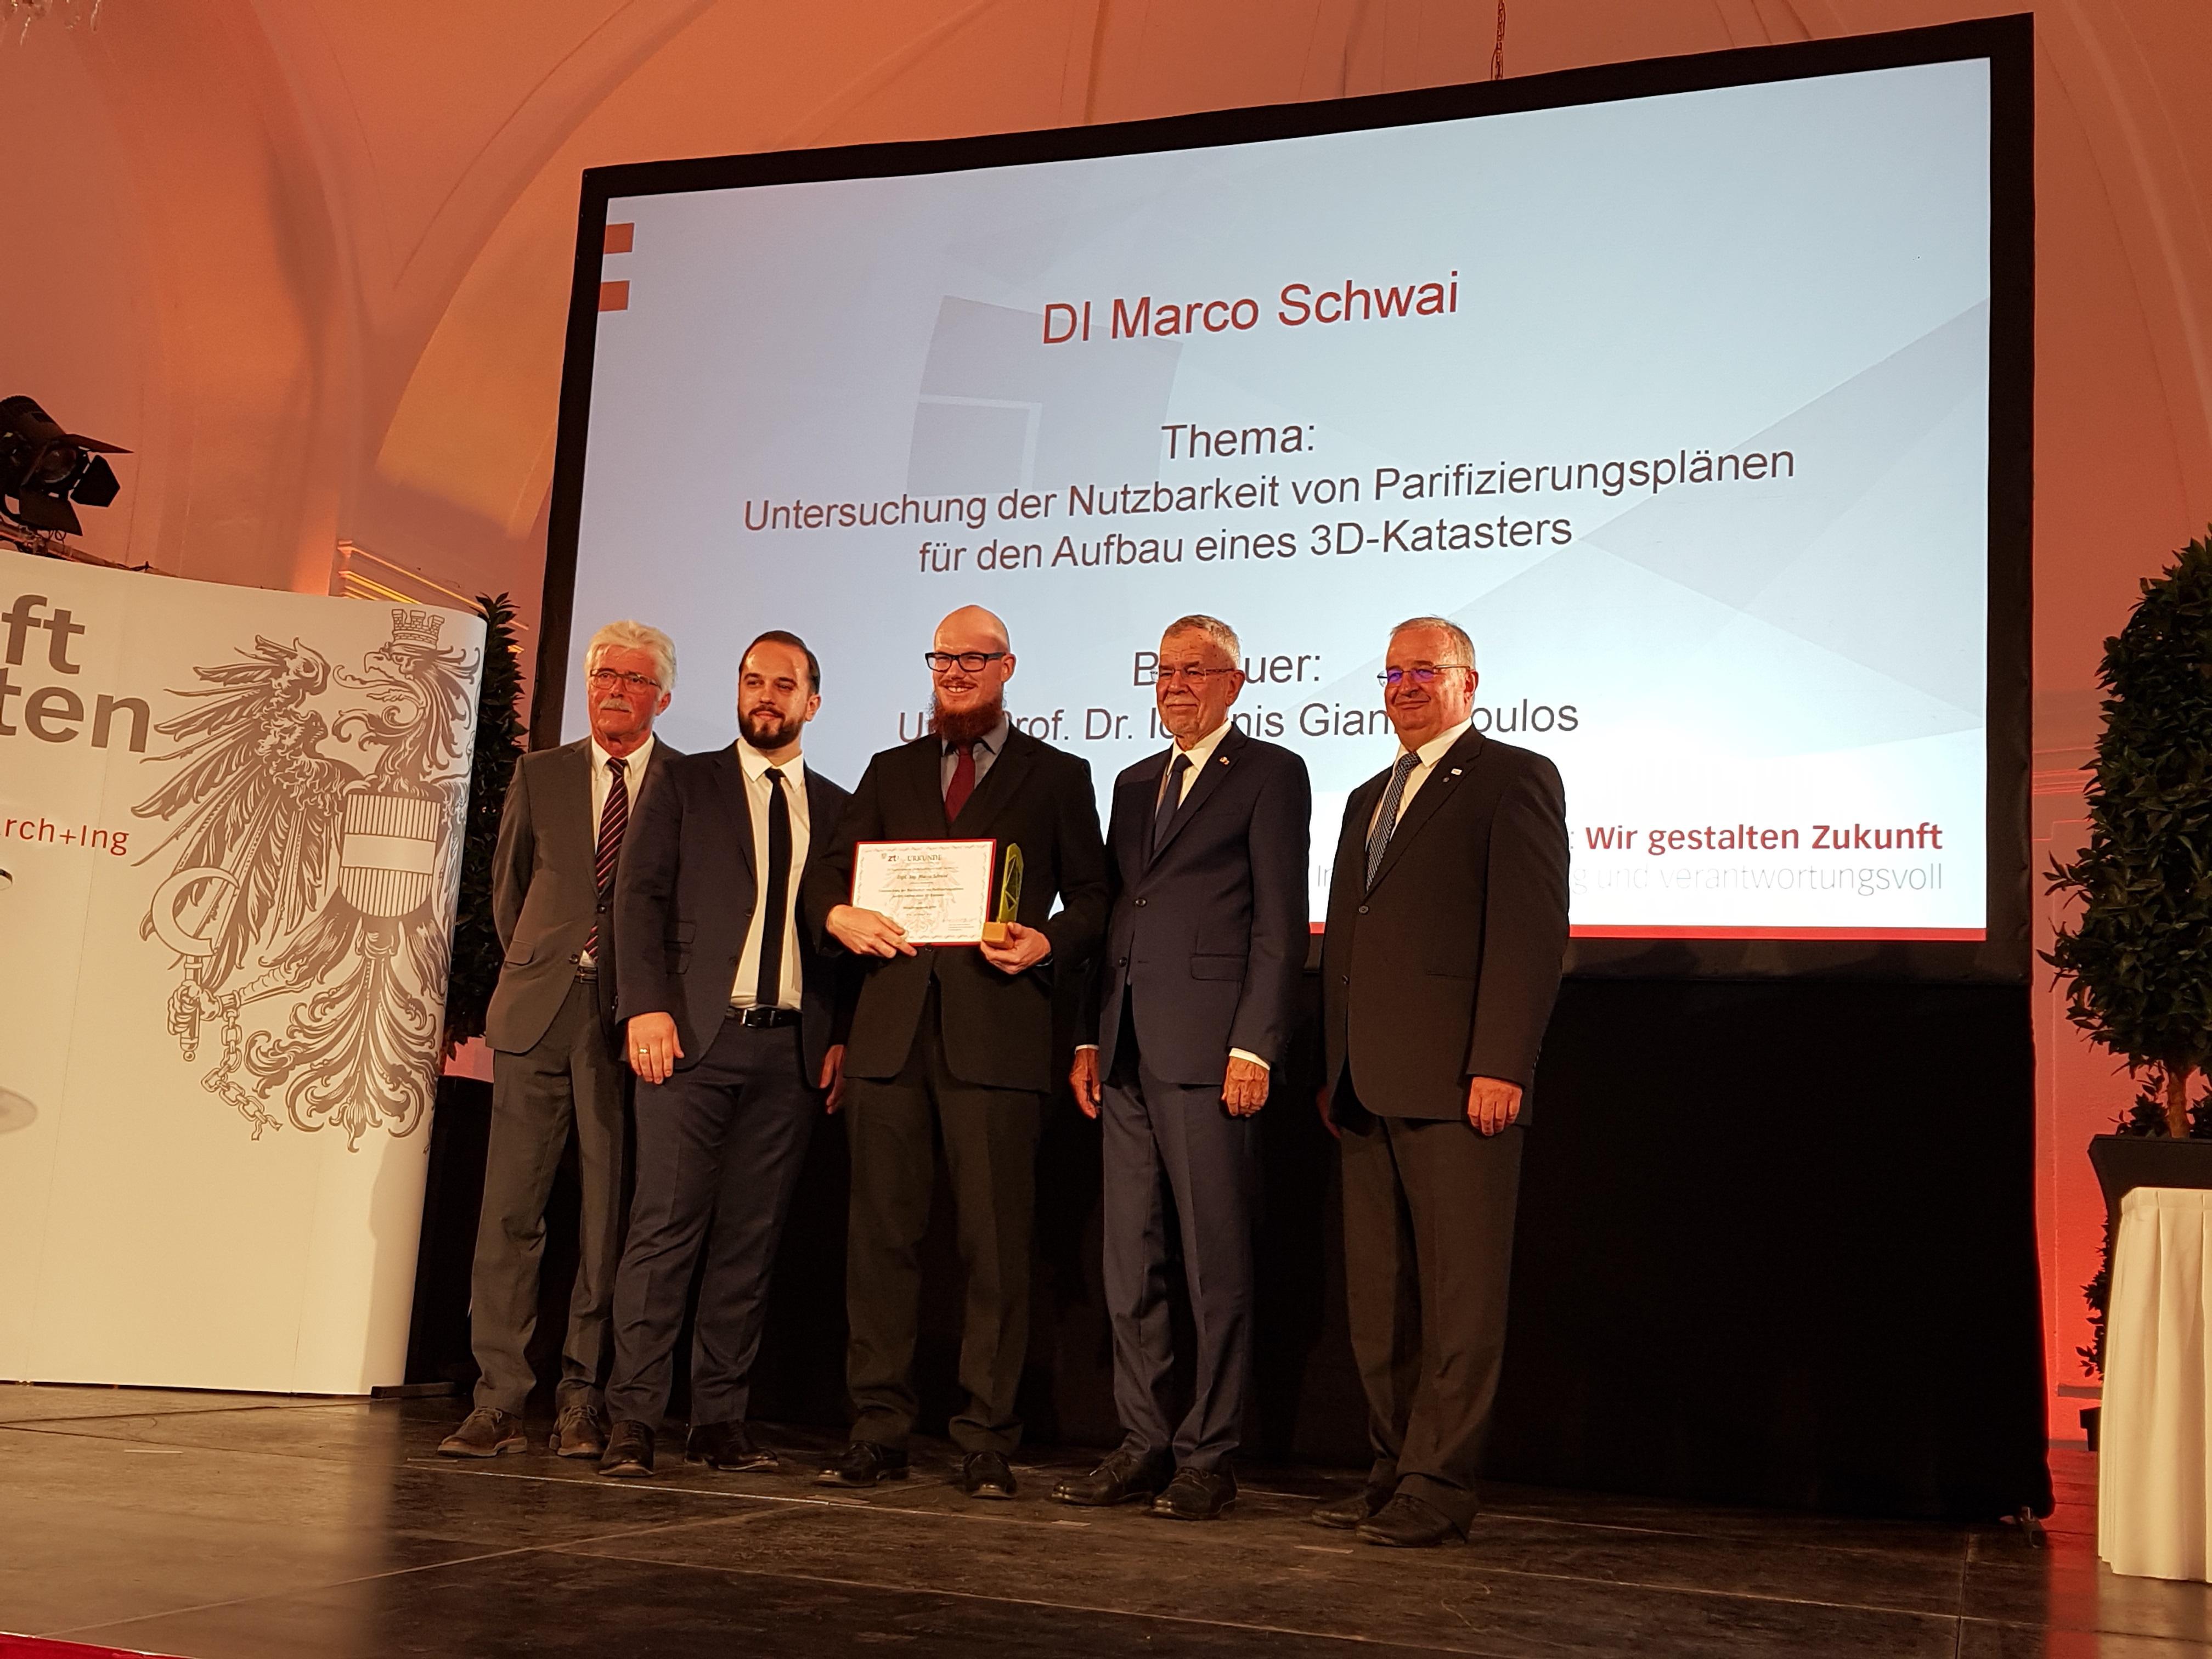 Marco Schwai